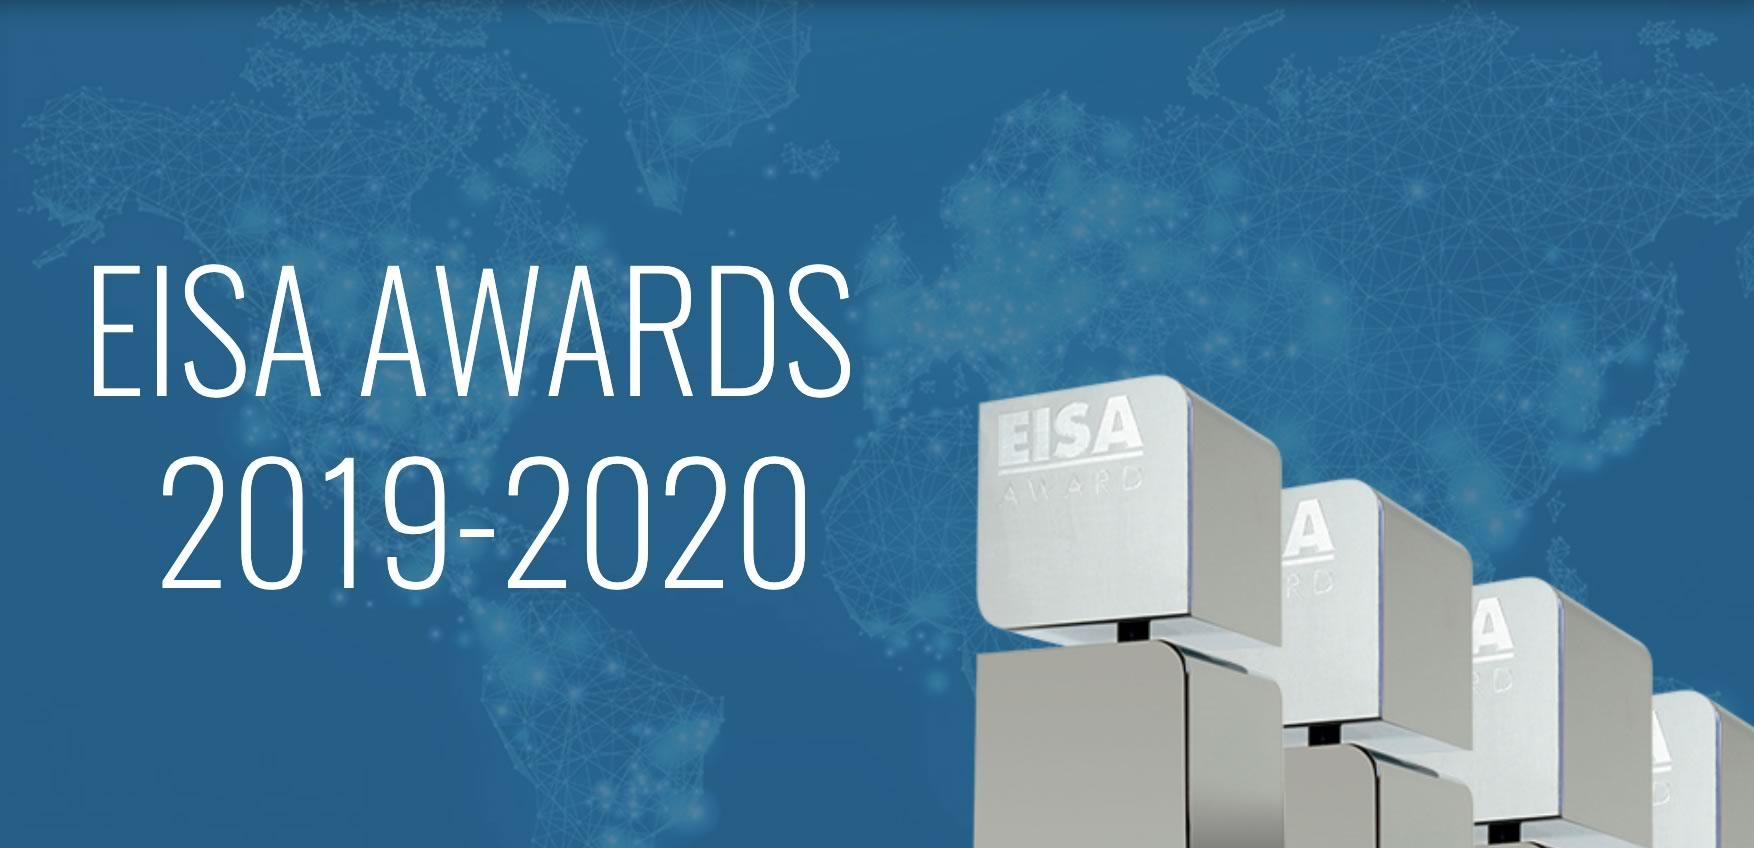 EISA Awards 2019-20